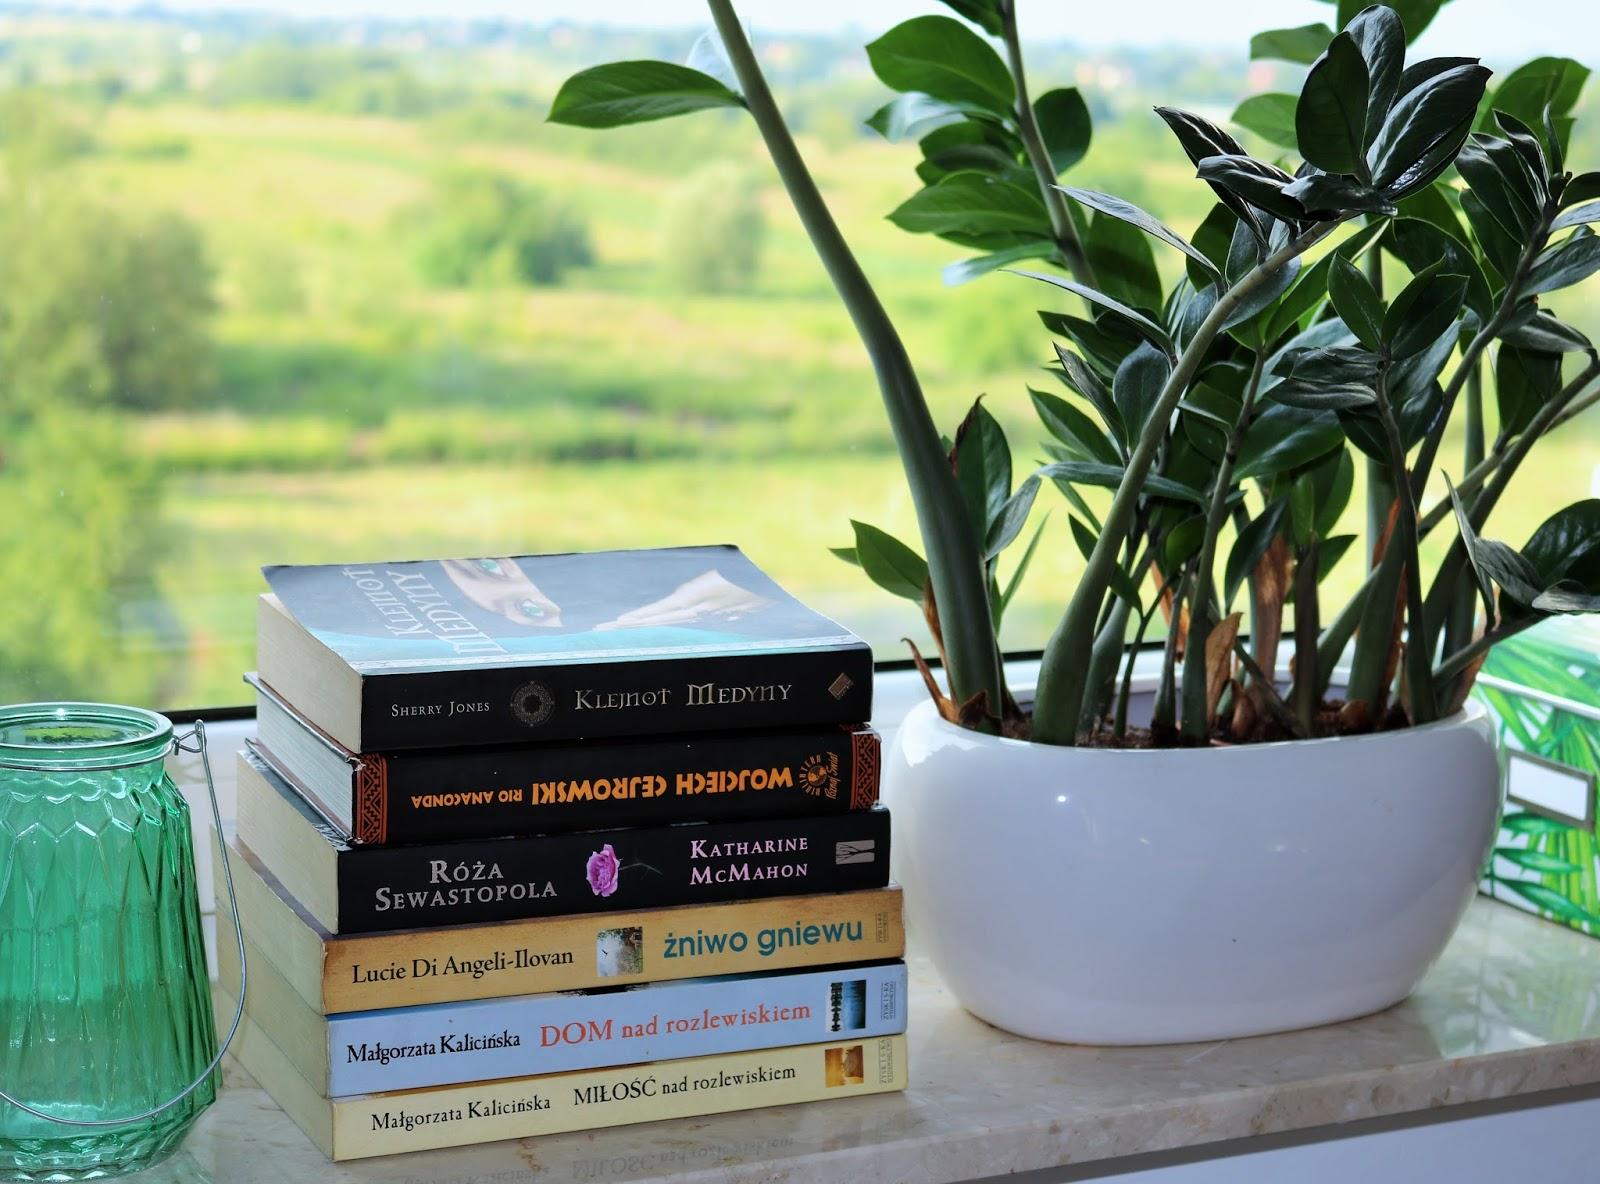 jakie książki zabrać na wakacje